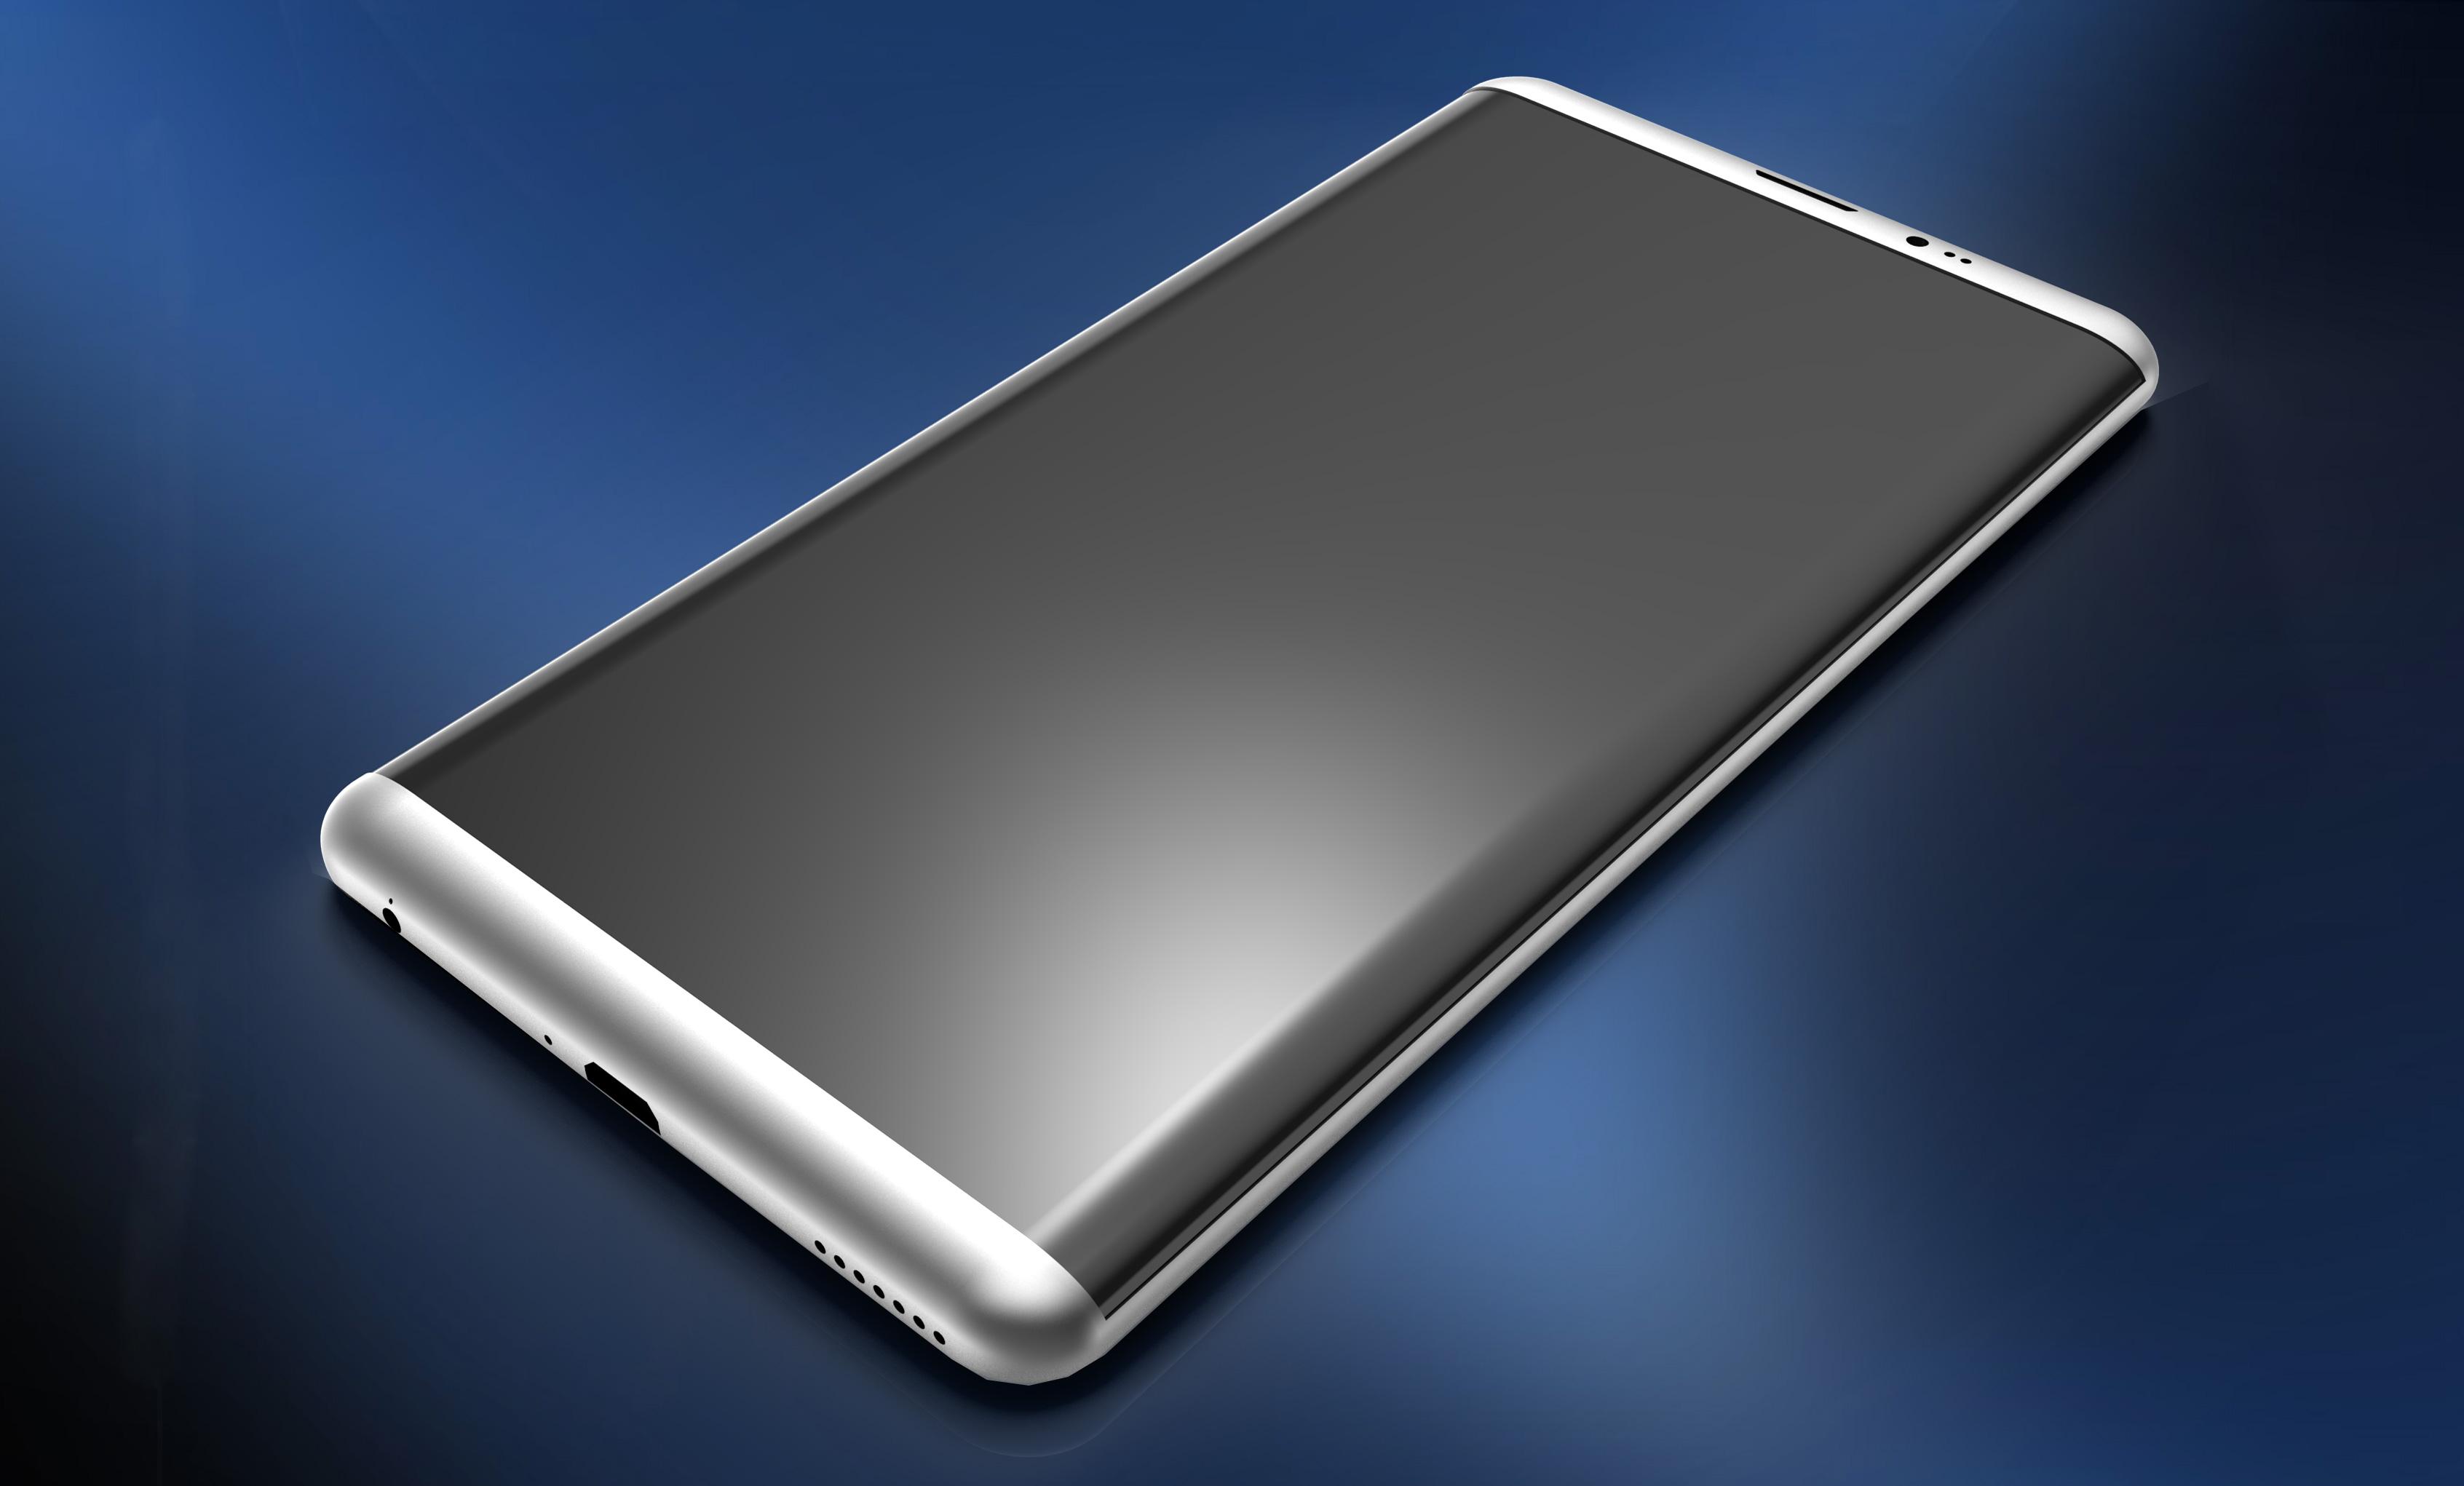 Dimensiones del Galaxy S8 y S8 Plus, grandes pantallas y tamaño compacto